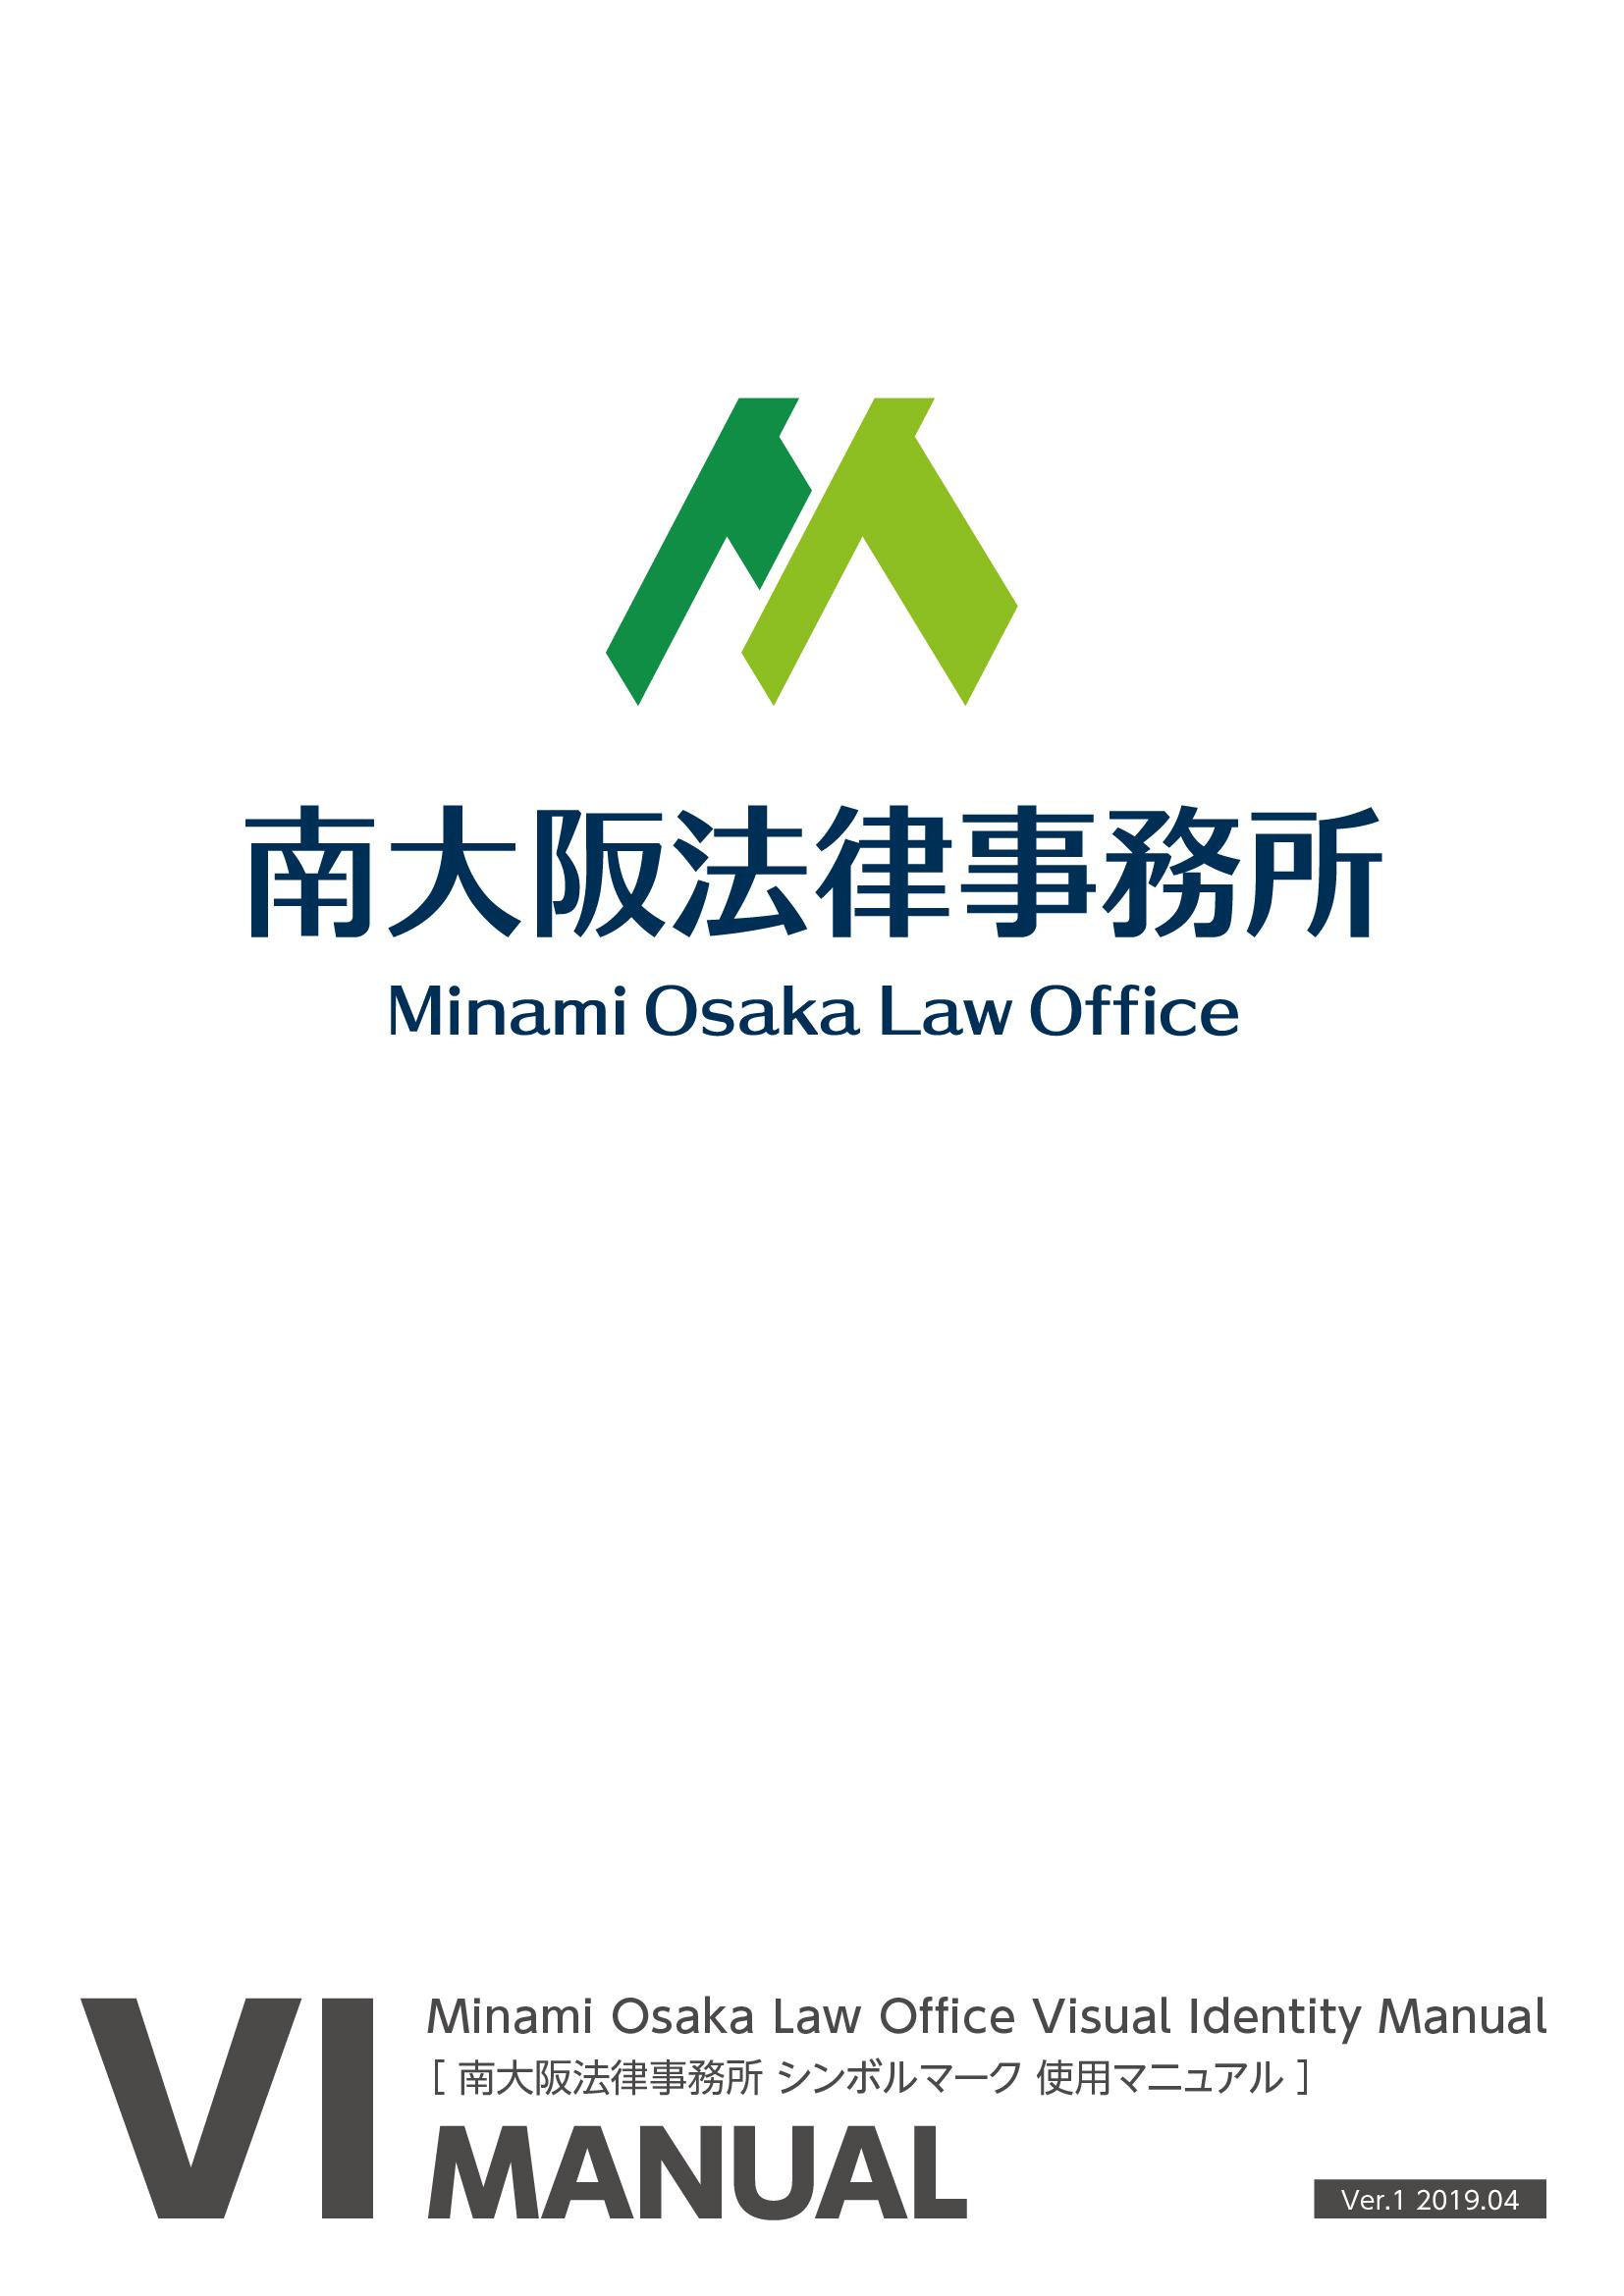 南大阪法律事務所ロゴマーク01